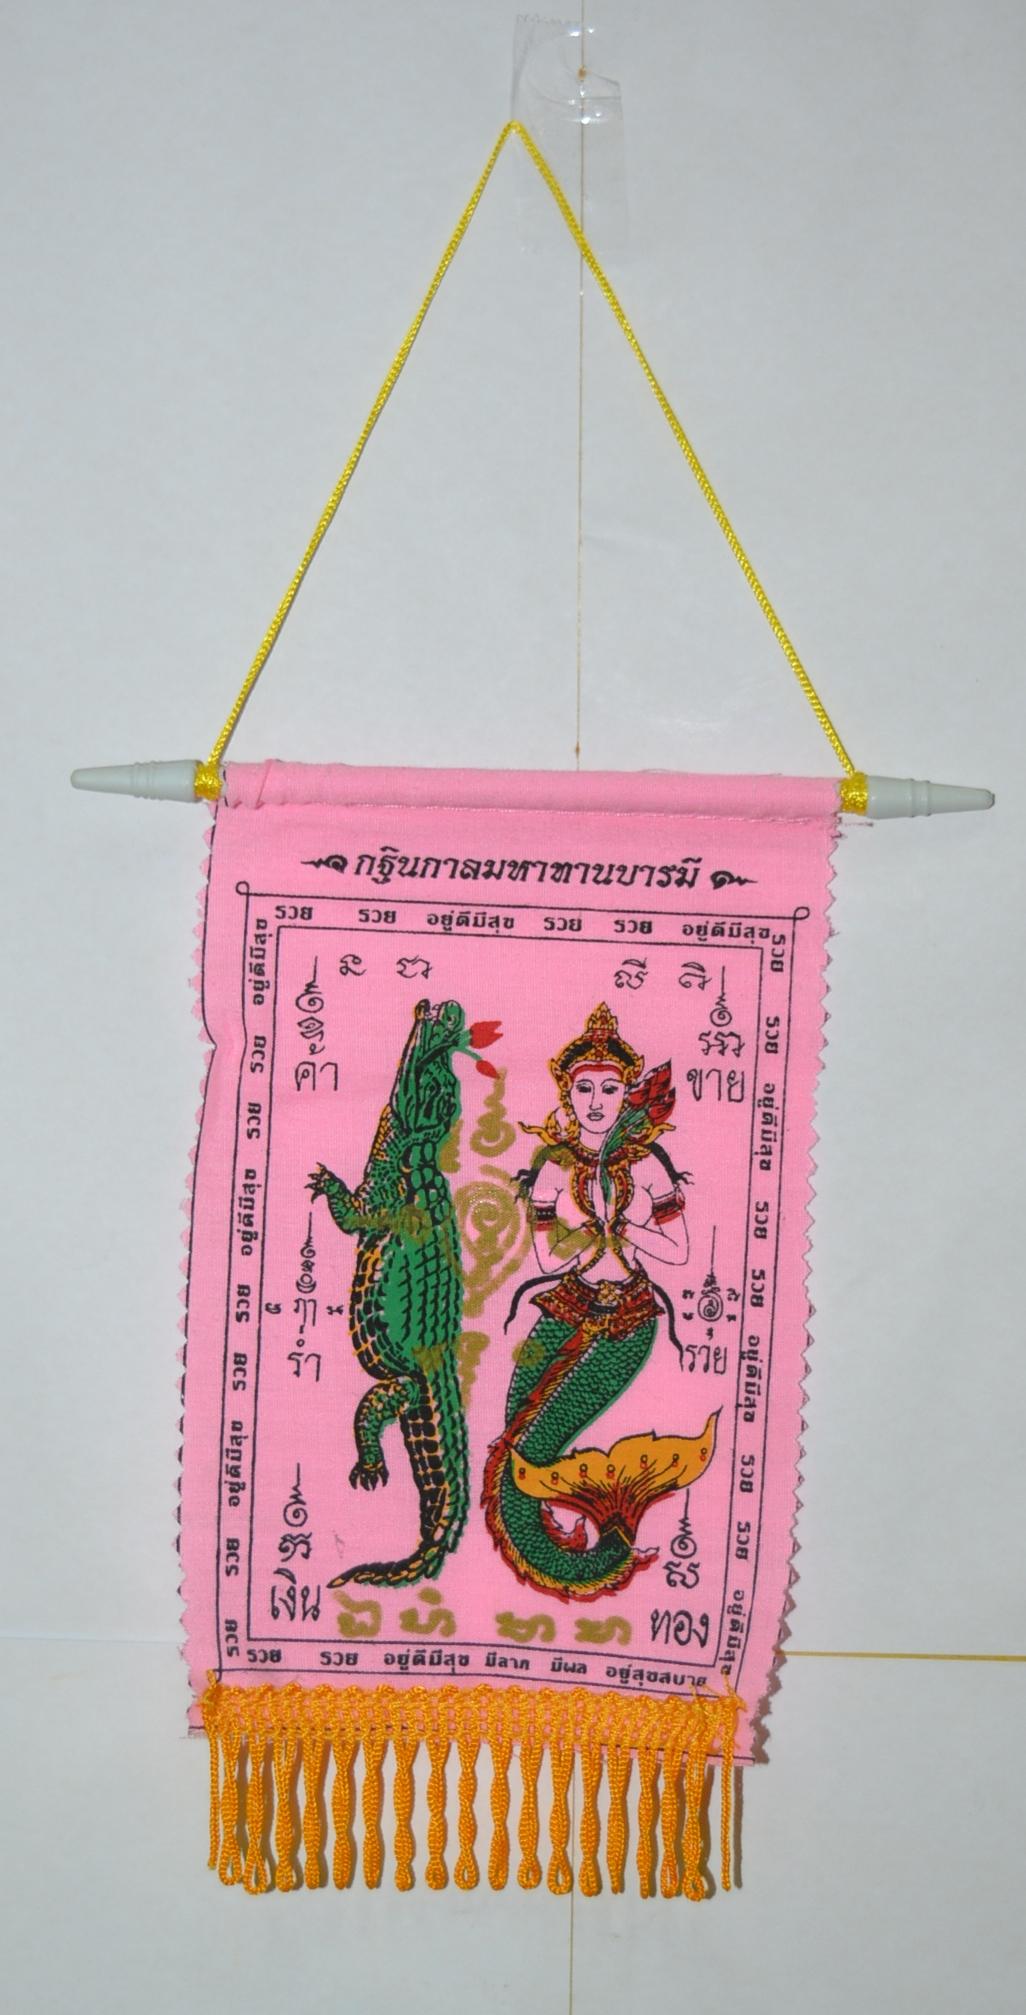 ผ้ายันต์มหาลาภ ตาพูน ฆราวาสในดงแห่งเพชรบูรณ์